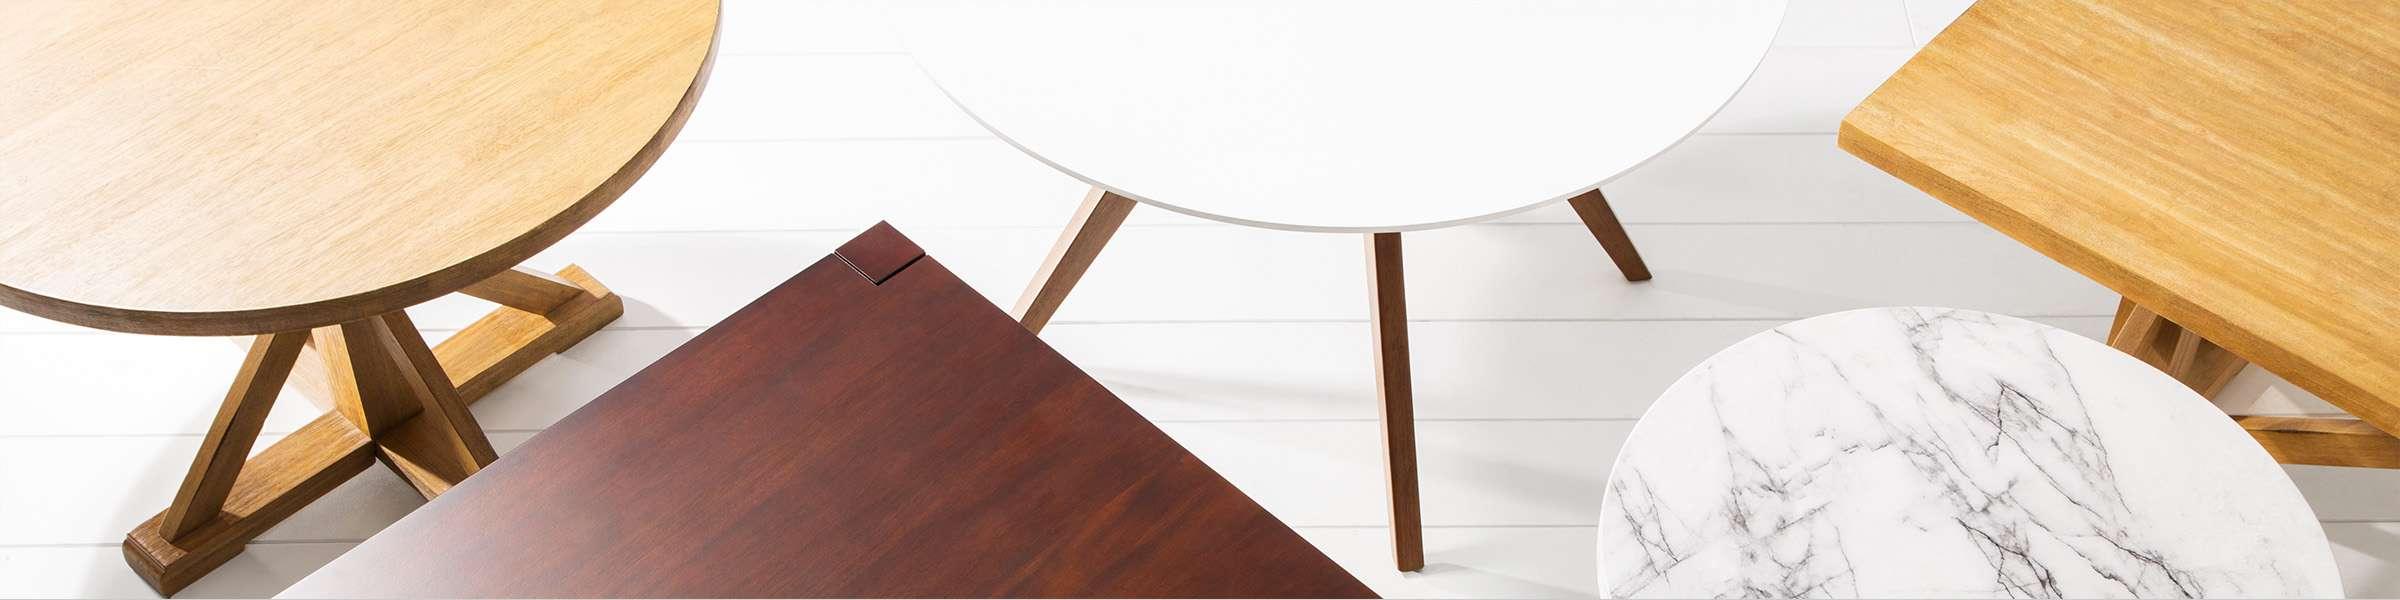 targetfurniturekitchen dining furnituredining tables 726 - Furniture Dining Table